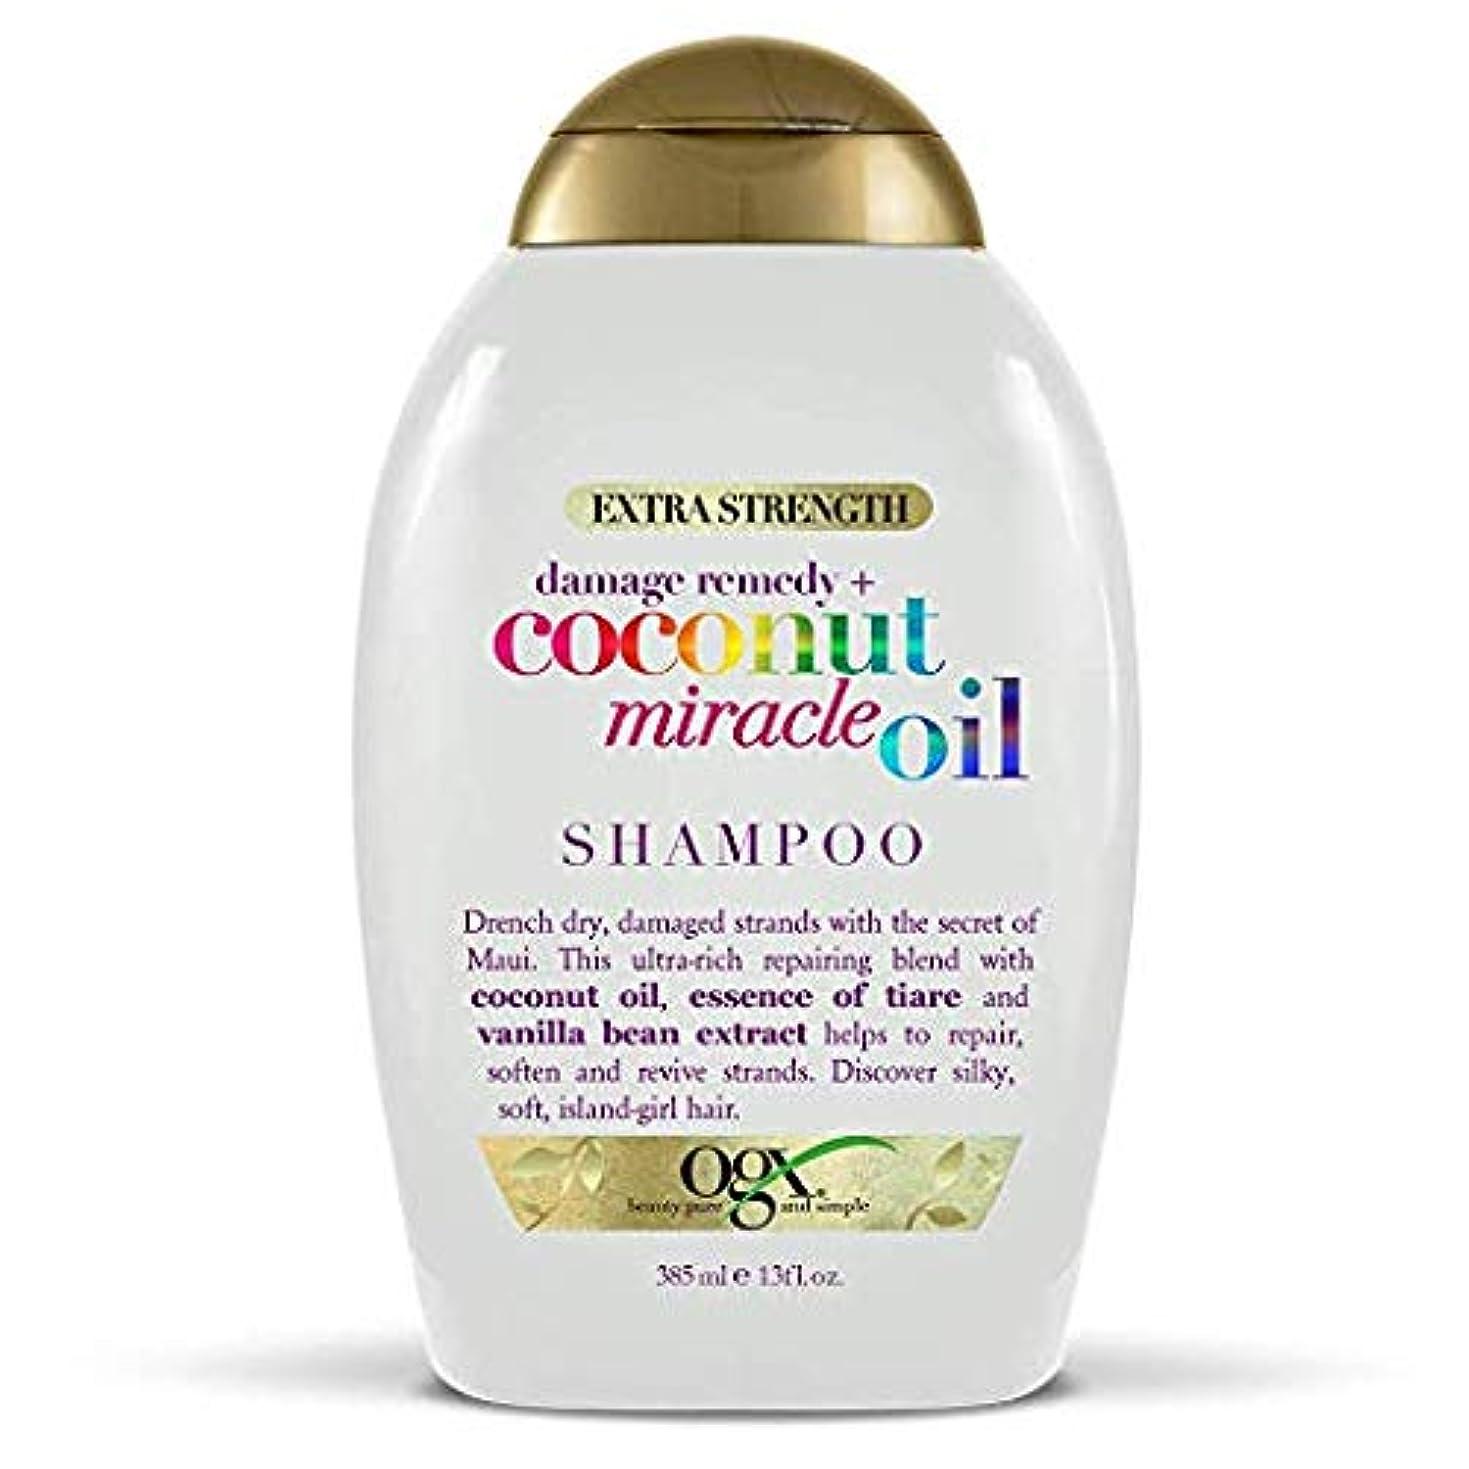 好色な地図伝えるOgx Shampoo Coconut Miracle Oil Extra Strength 13oz OGX ココナッツミラクルオイル エクストラストレングス シャンプー 385ml [並行輸入品]